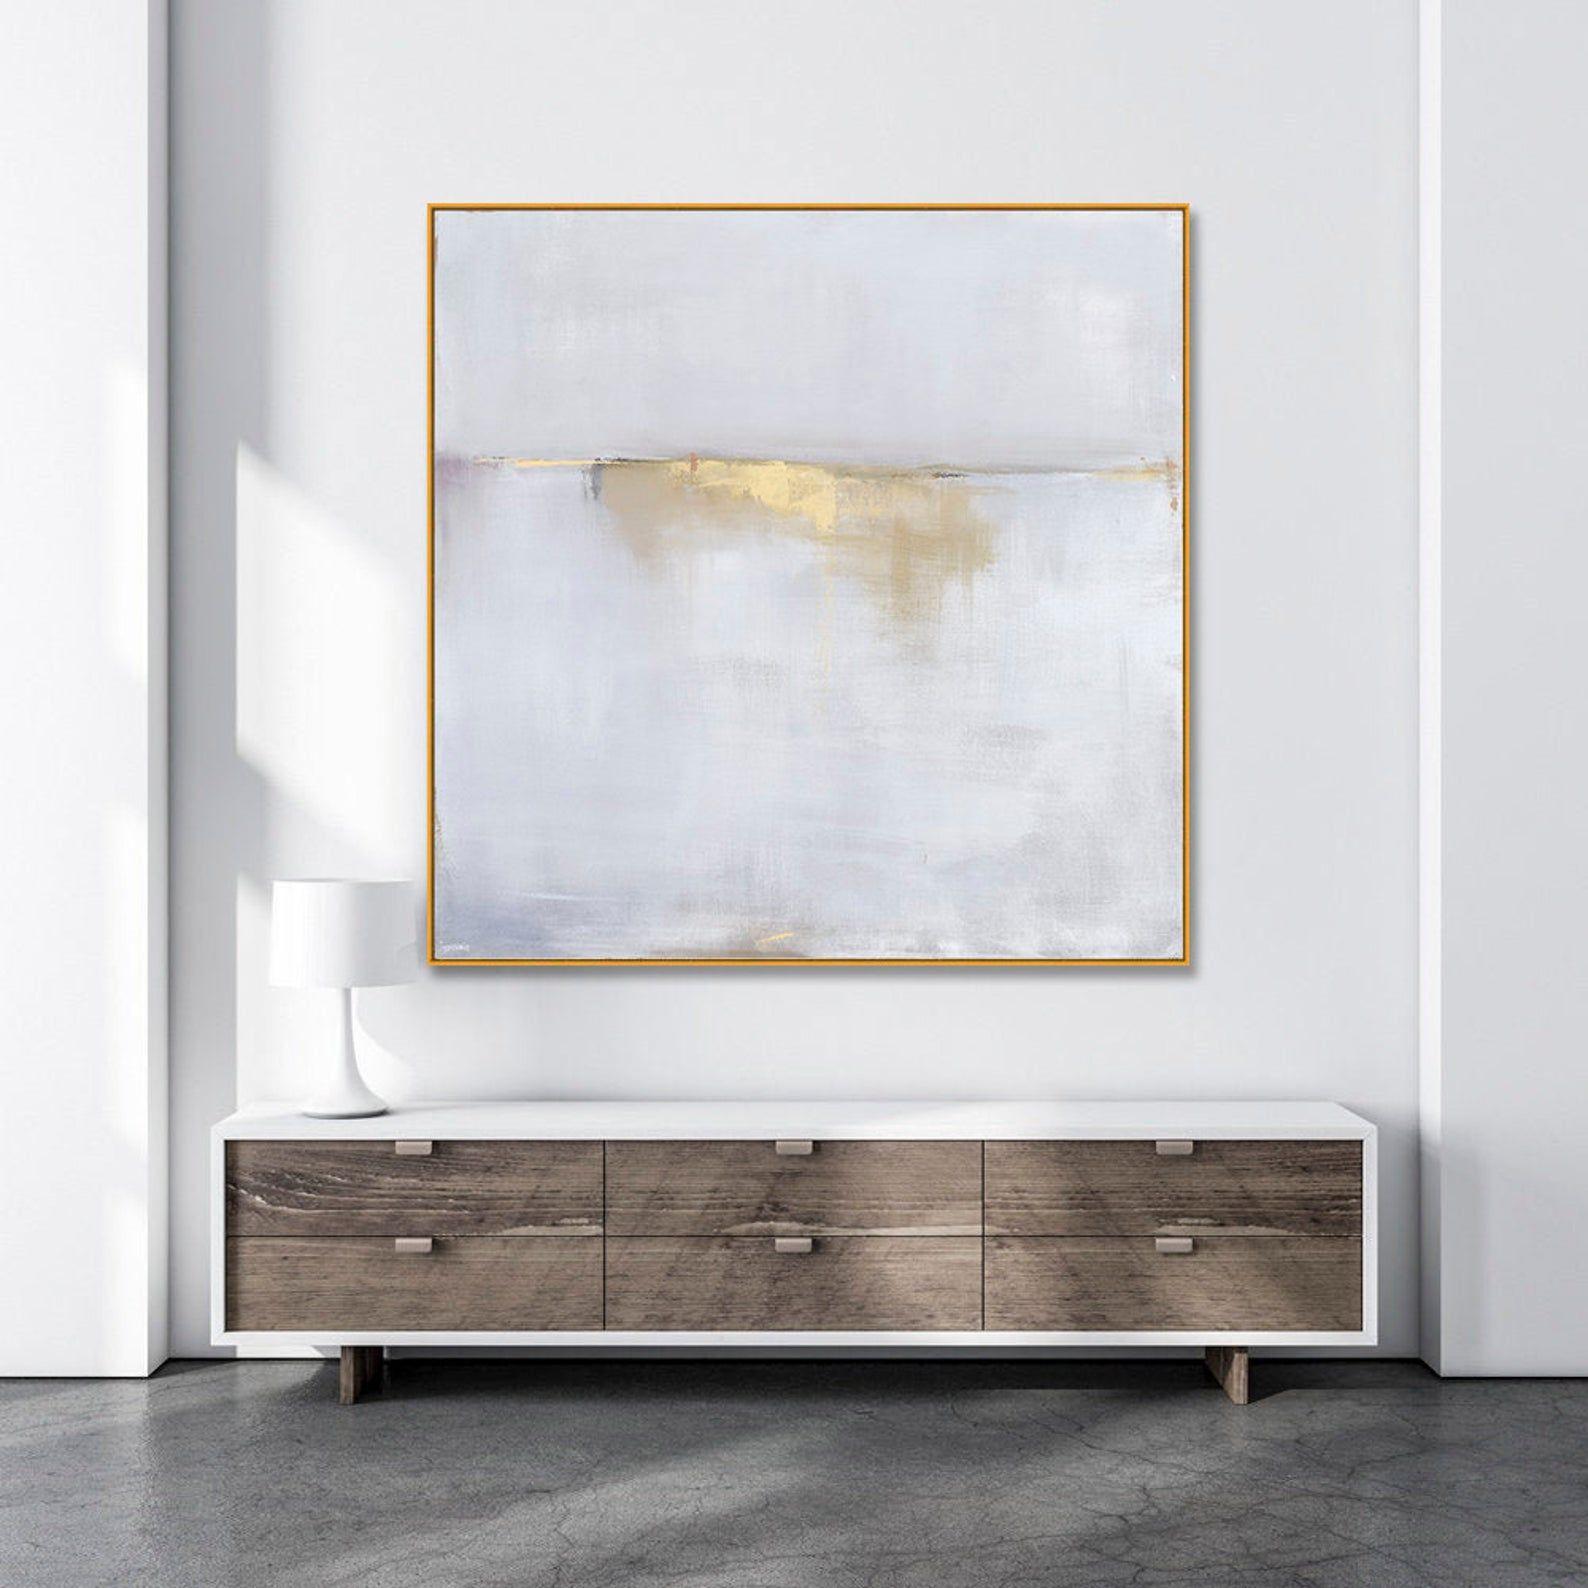 Large Framed Art Abstract Landscape Gold Framed Interior Design